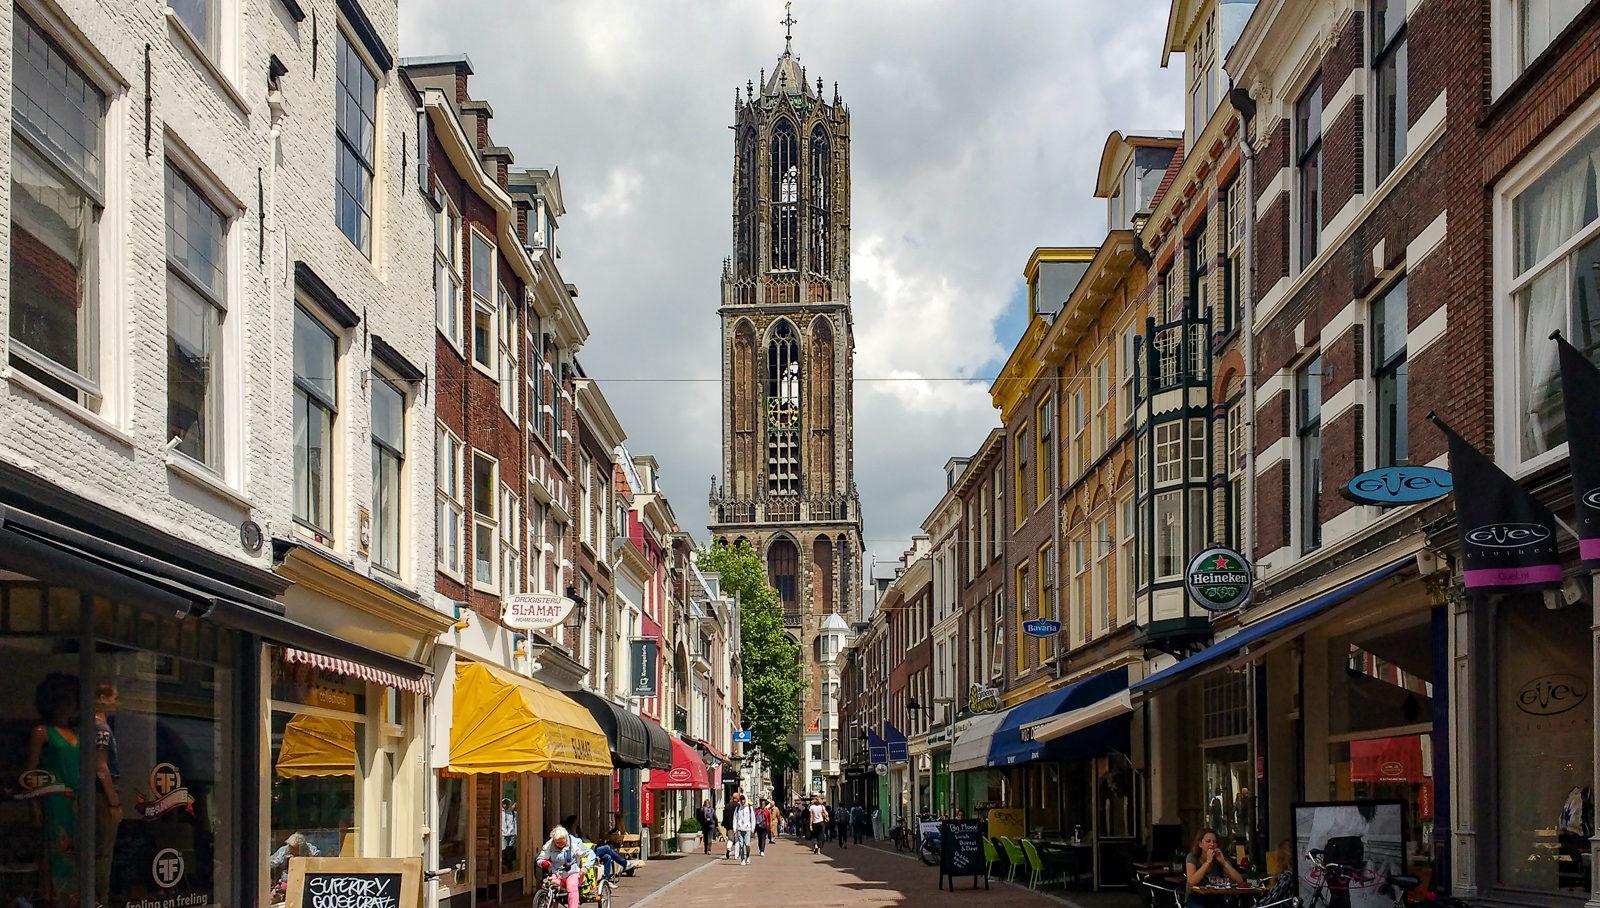 Utrecht wielrennen